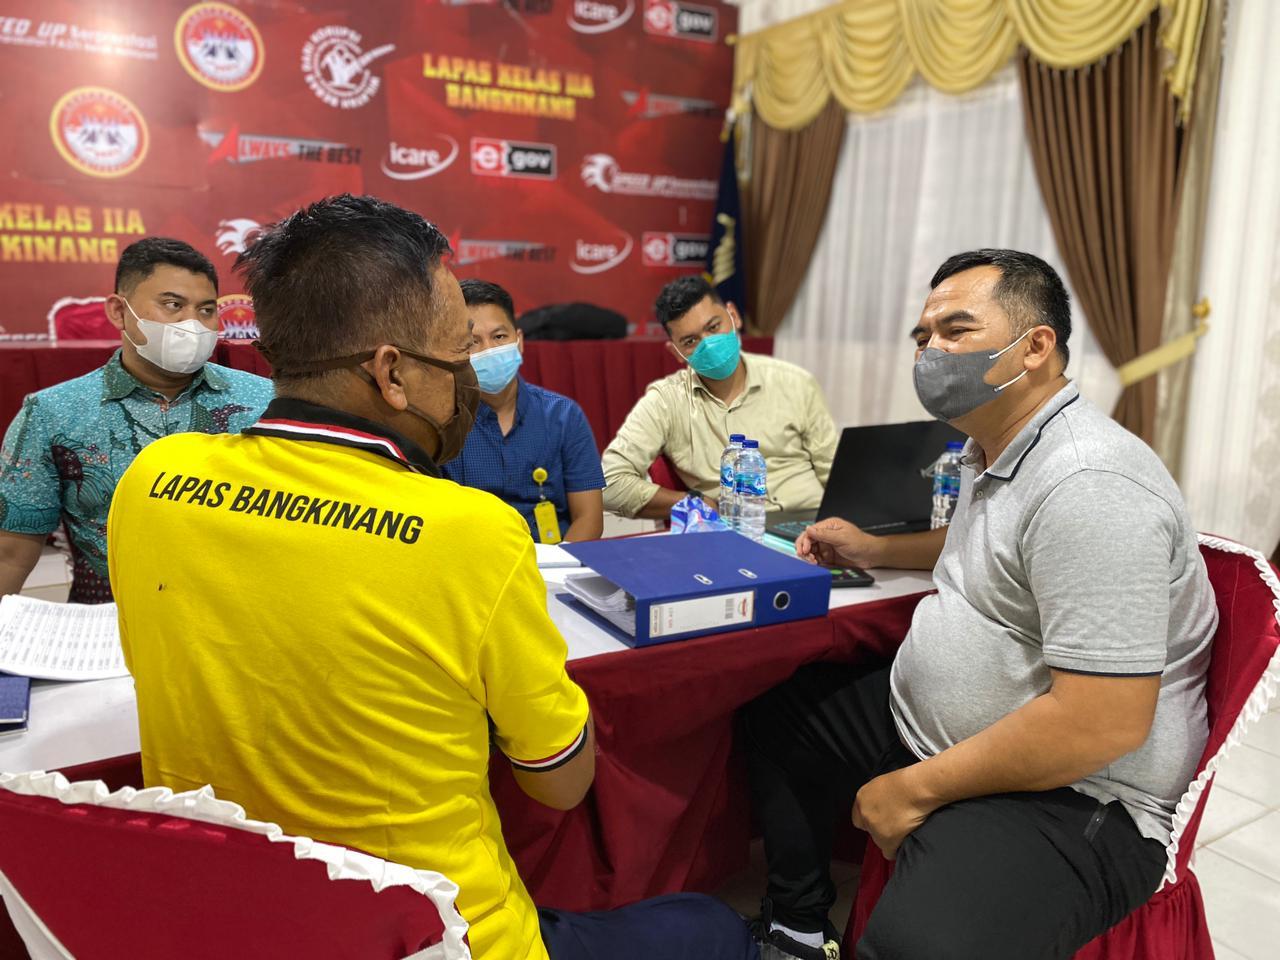 Kejaksaan Negeri Kampar Periksa Mantan Ketua KUD Maju Jaya, Kemarin Pejabat Bank Riau Kepri